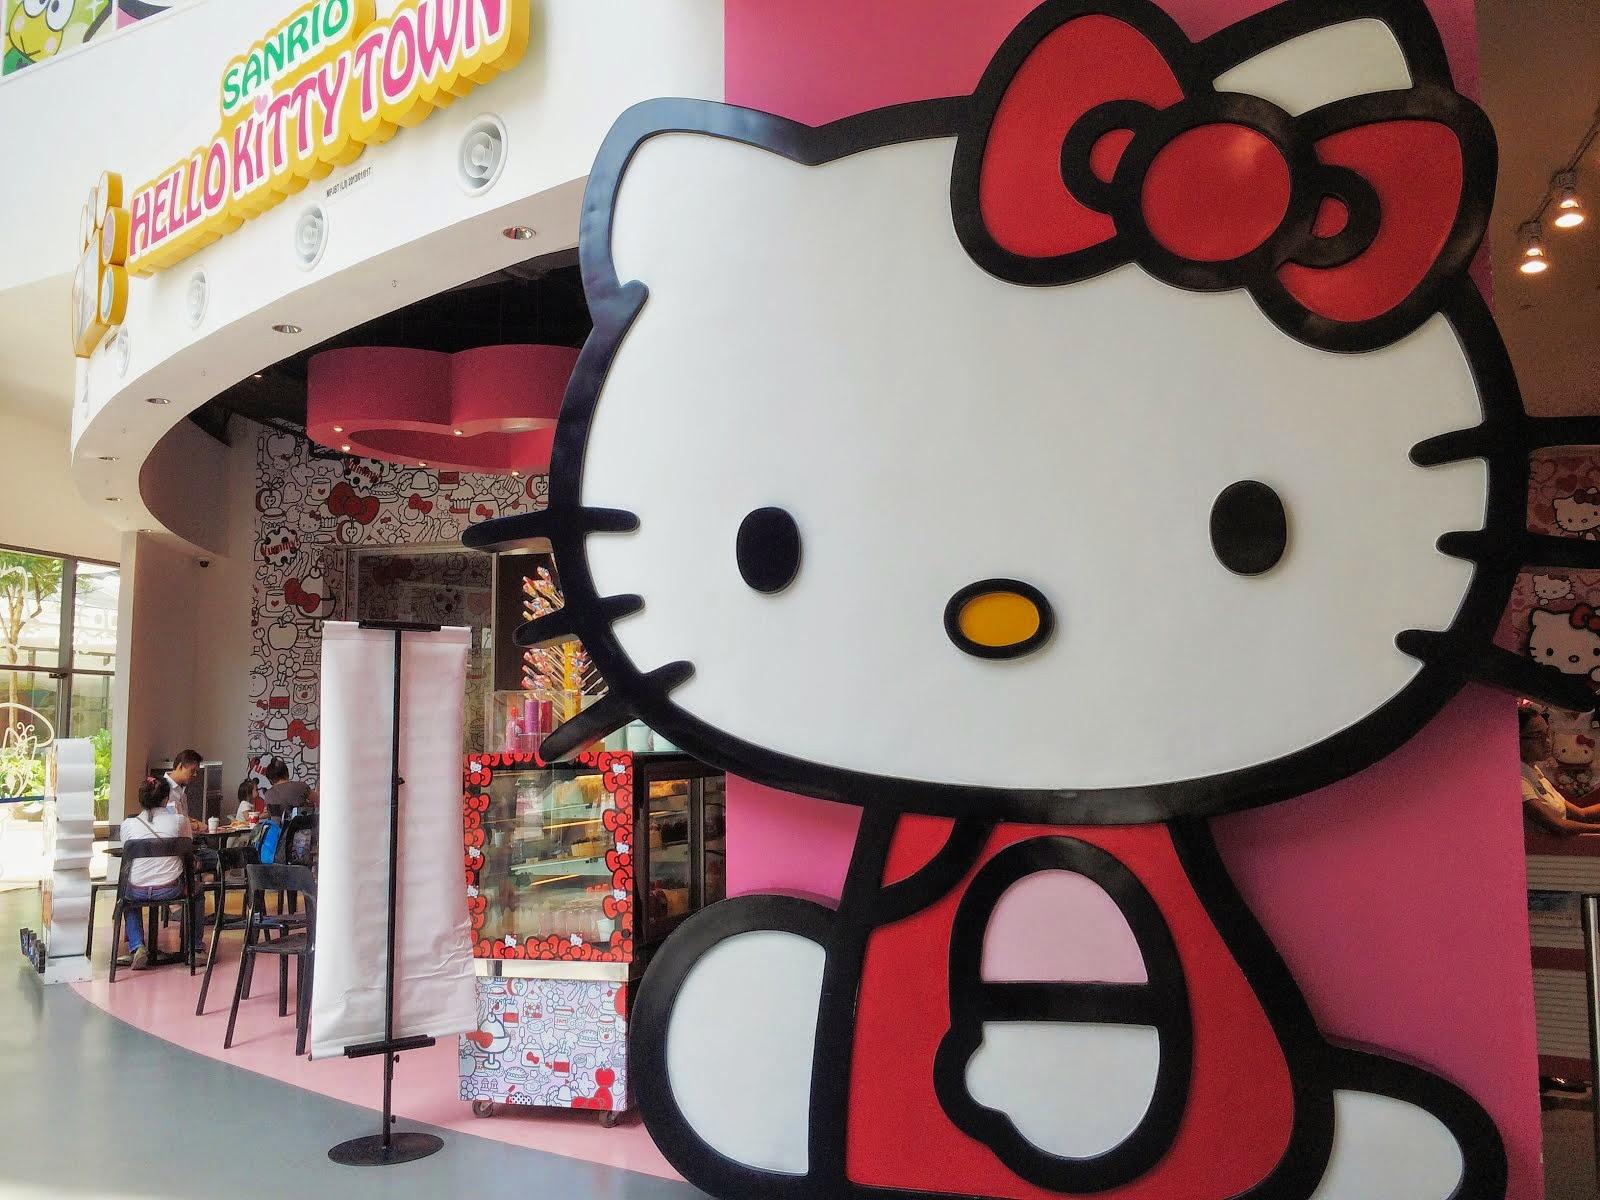 HELLO KITTY TOWN - Johor